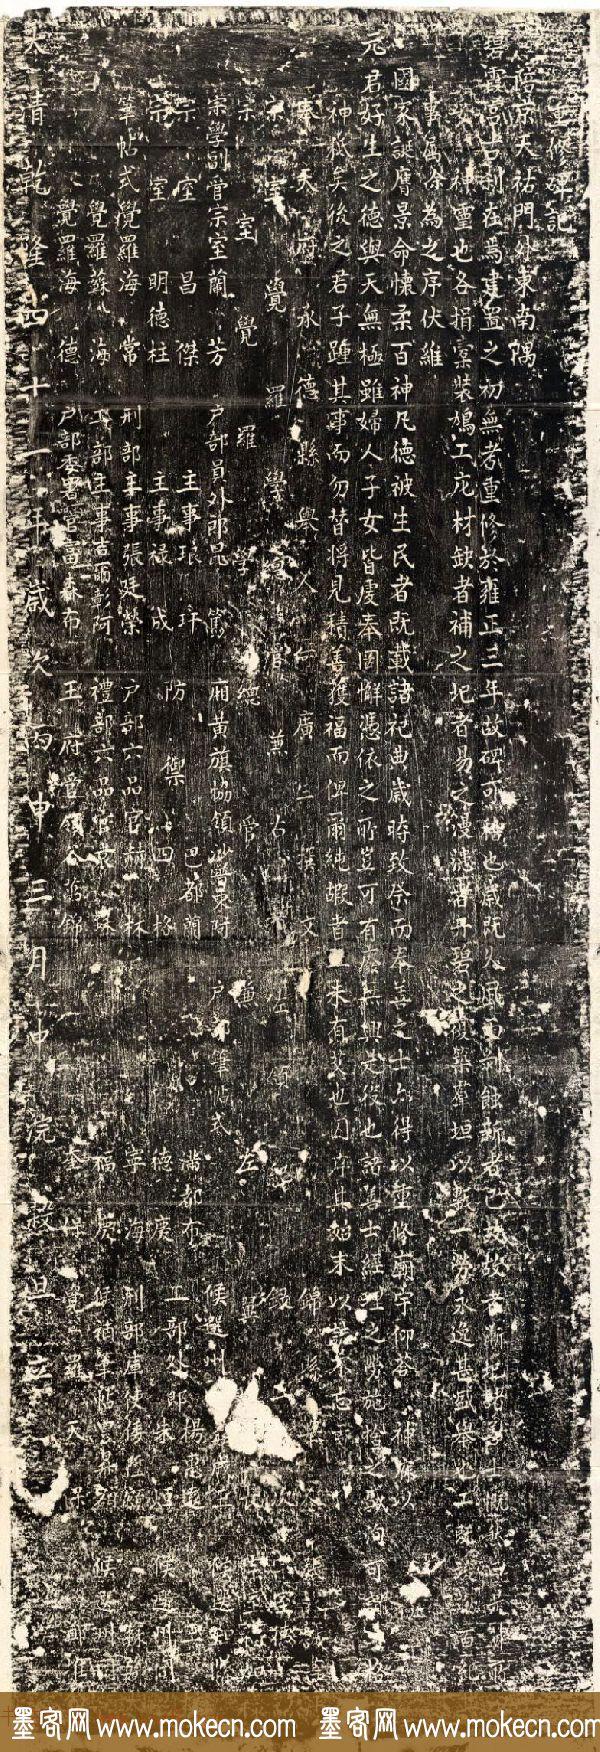 清代楷书石刻《重修碧霞宫碑记》